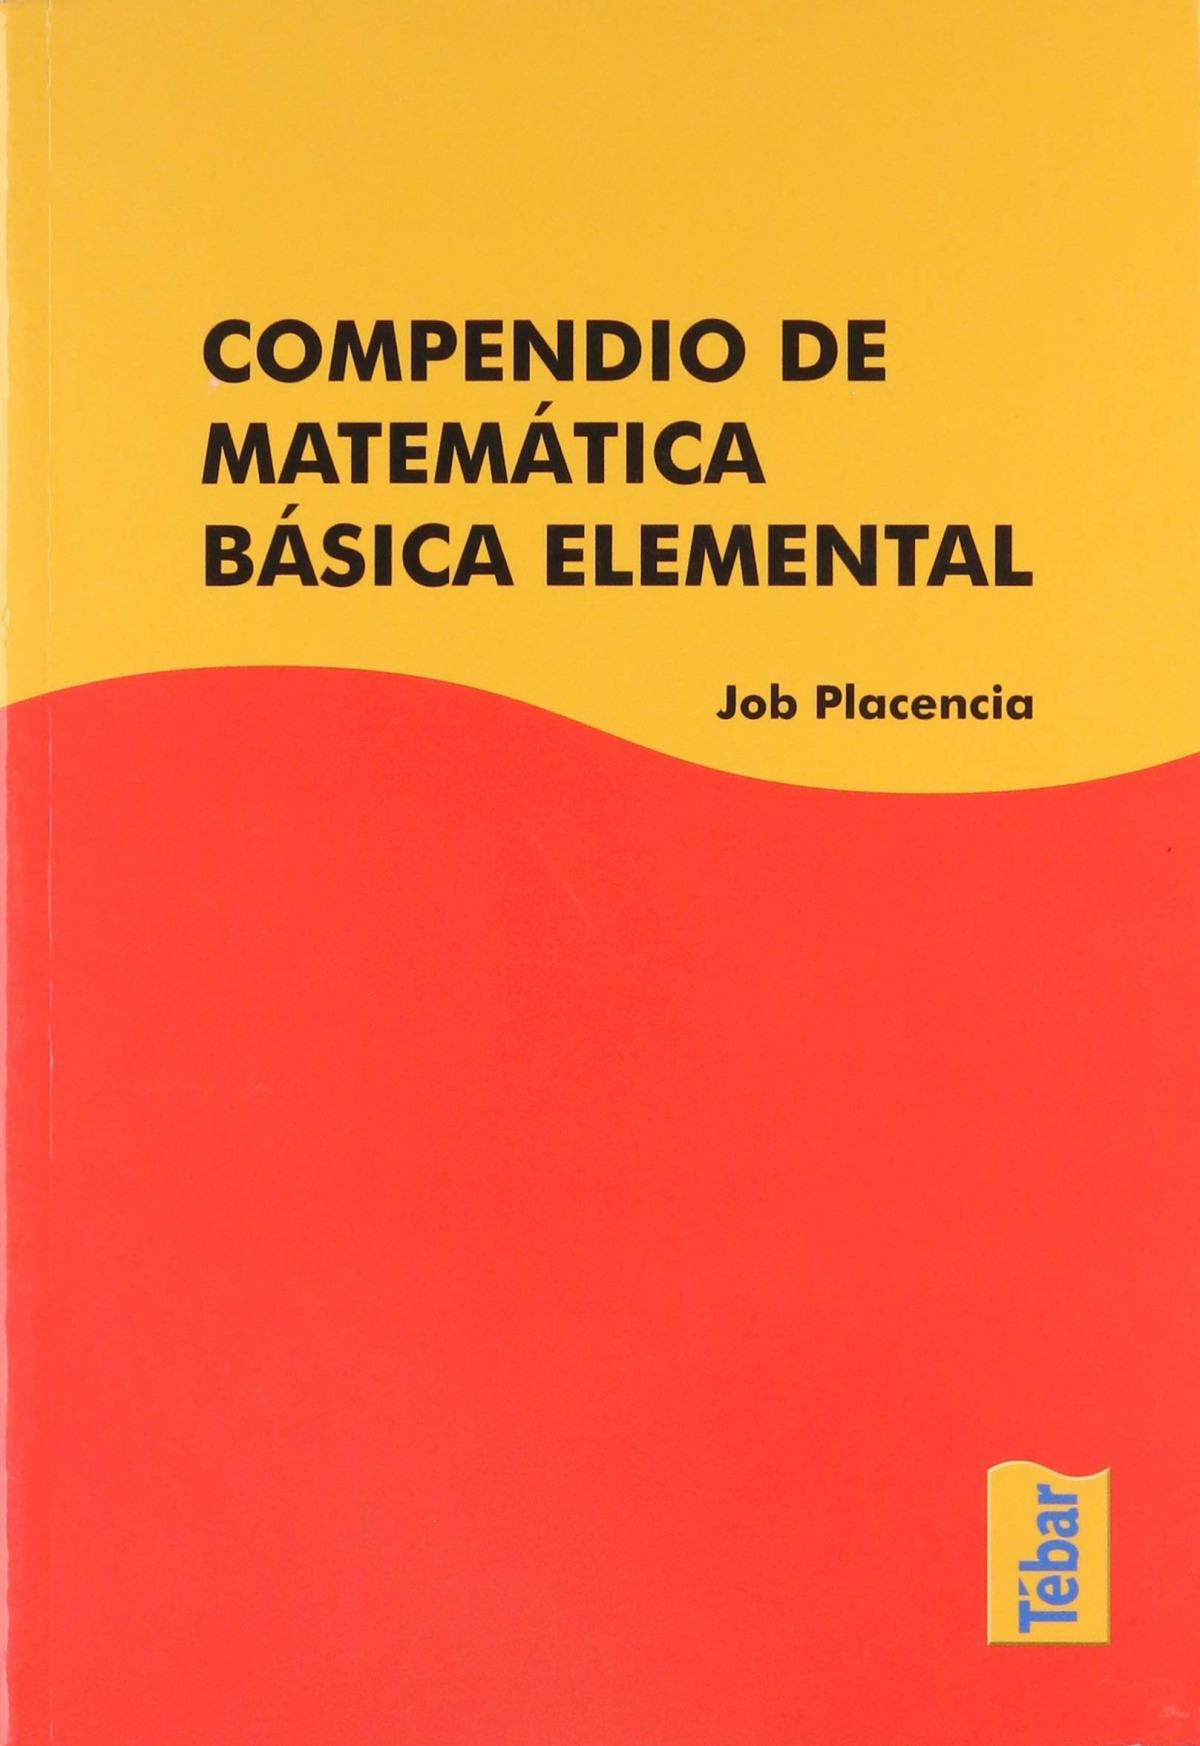 Compendio de matemÁtica bÁsica elemental - Placencia, Job